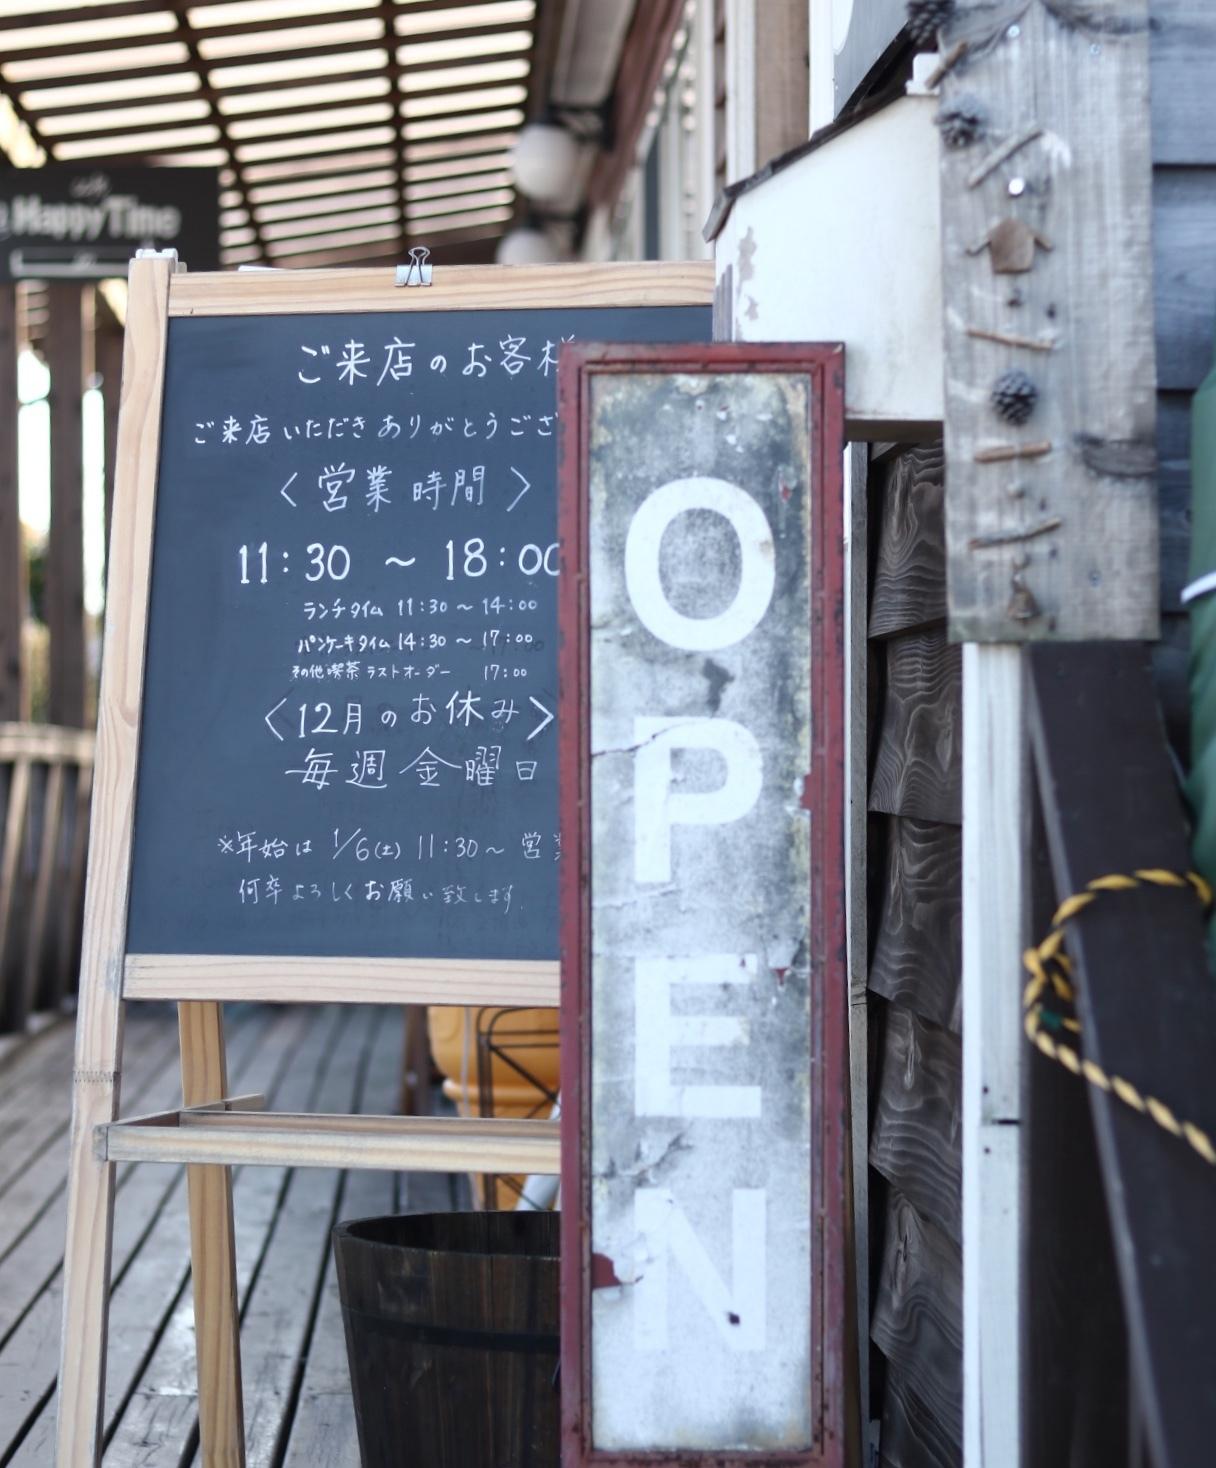 吉見町のハッピータイムさんでランチ_c0366722_12350479.jpeg